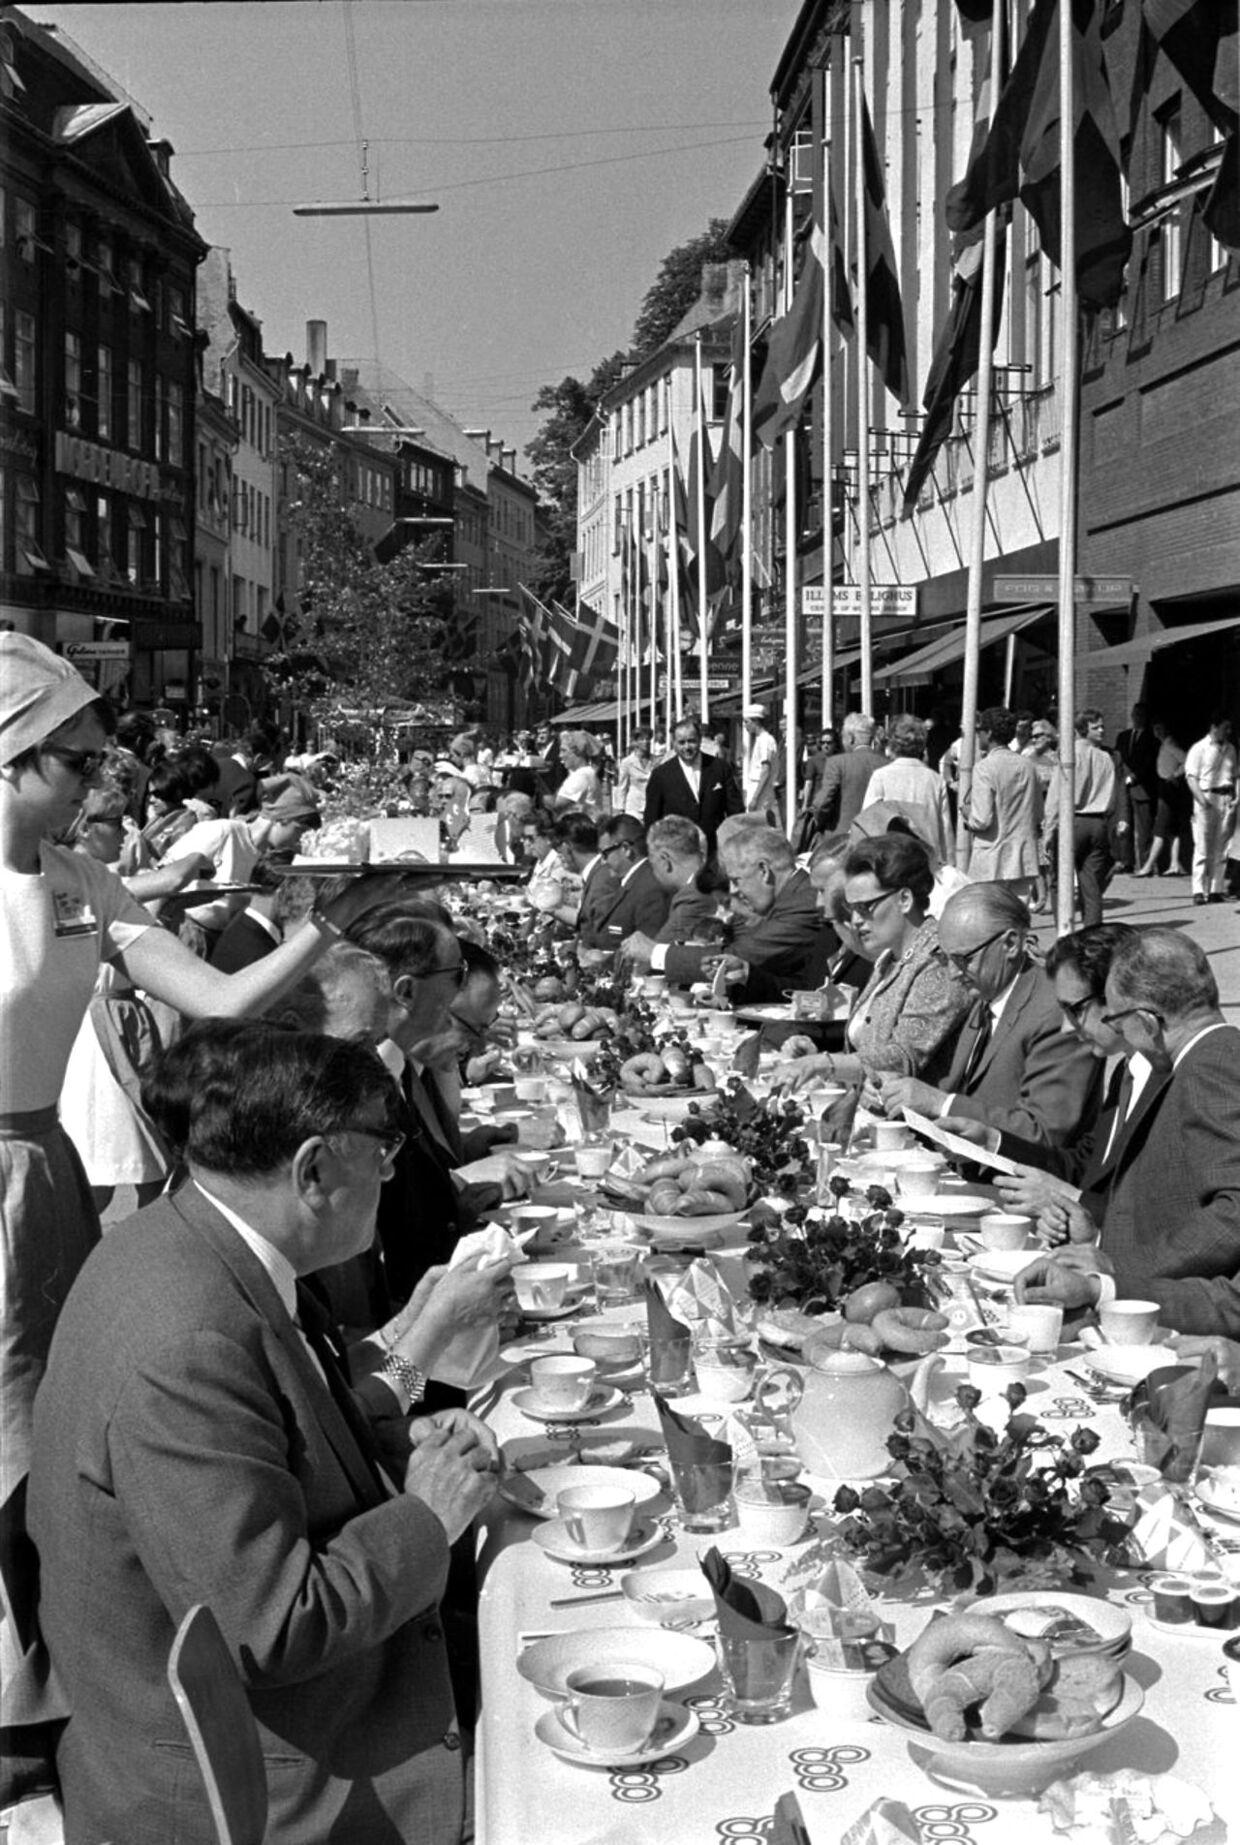 Kaffebordet var ikke en lukket fest. Tværtimod var alle byens borgere og turister inviteret med til fejringen af Københavns 800-års jubilæum. Ifølge Københavns Stadsarkiv blev der brygget 80.000 kopper kaffe og bagt 70.000 rådhuspandekager til gæsterne. Produktionen af de mange pandekager foregik på gammeldags vis med smedejernspander og tog hele 14 dage.